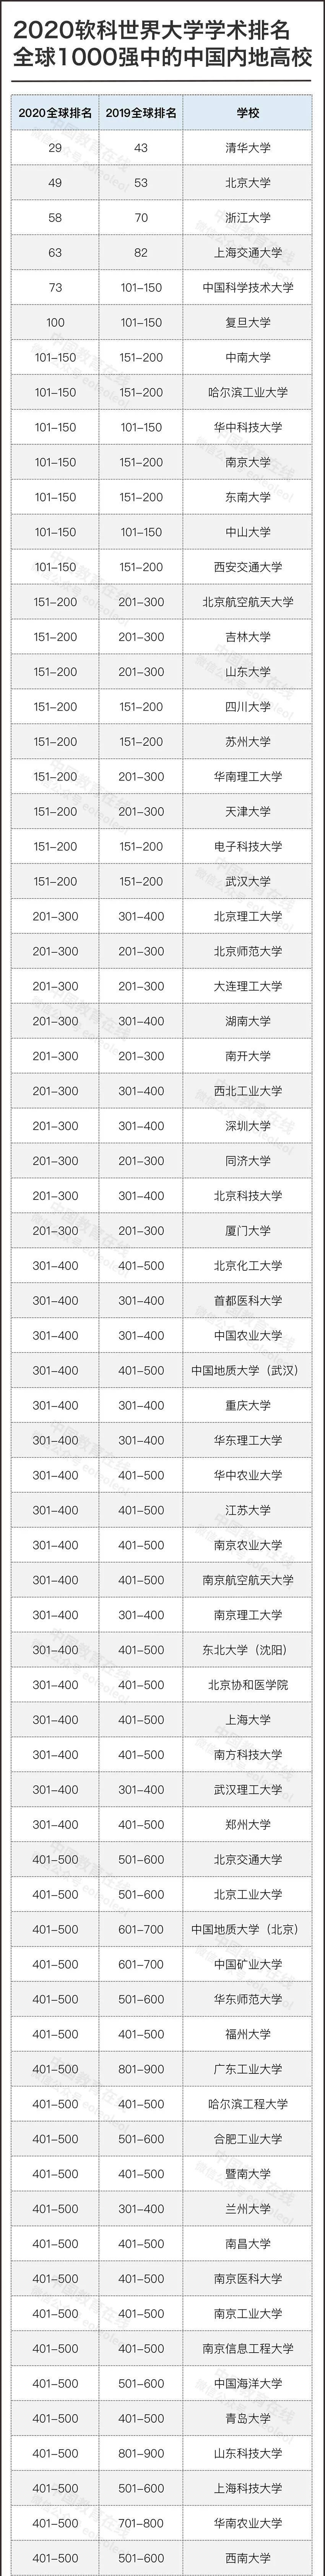 2020软科世界大学学术排名如期发布!